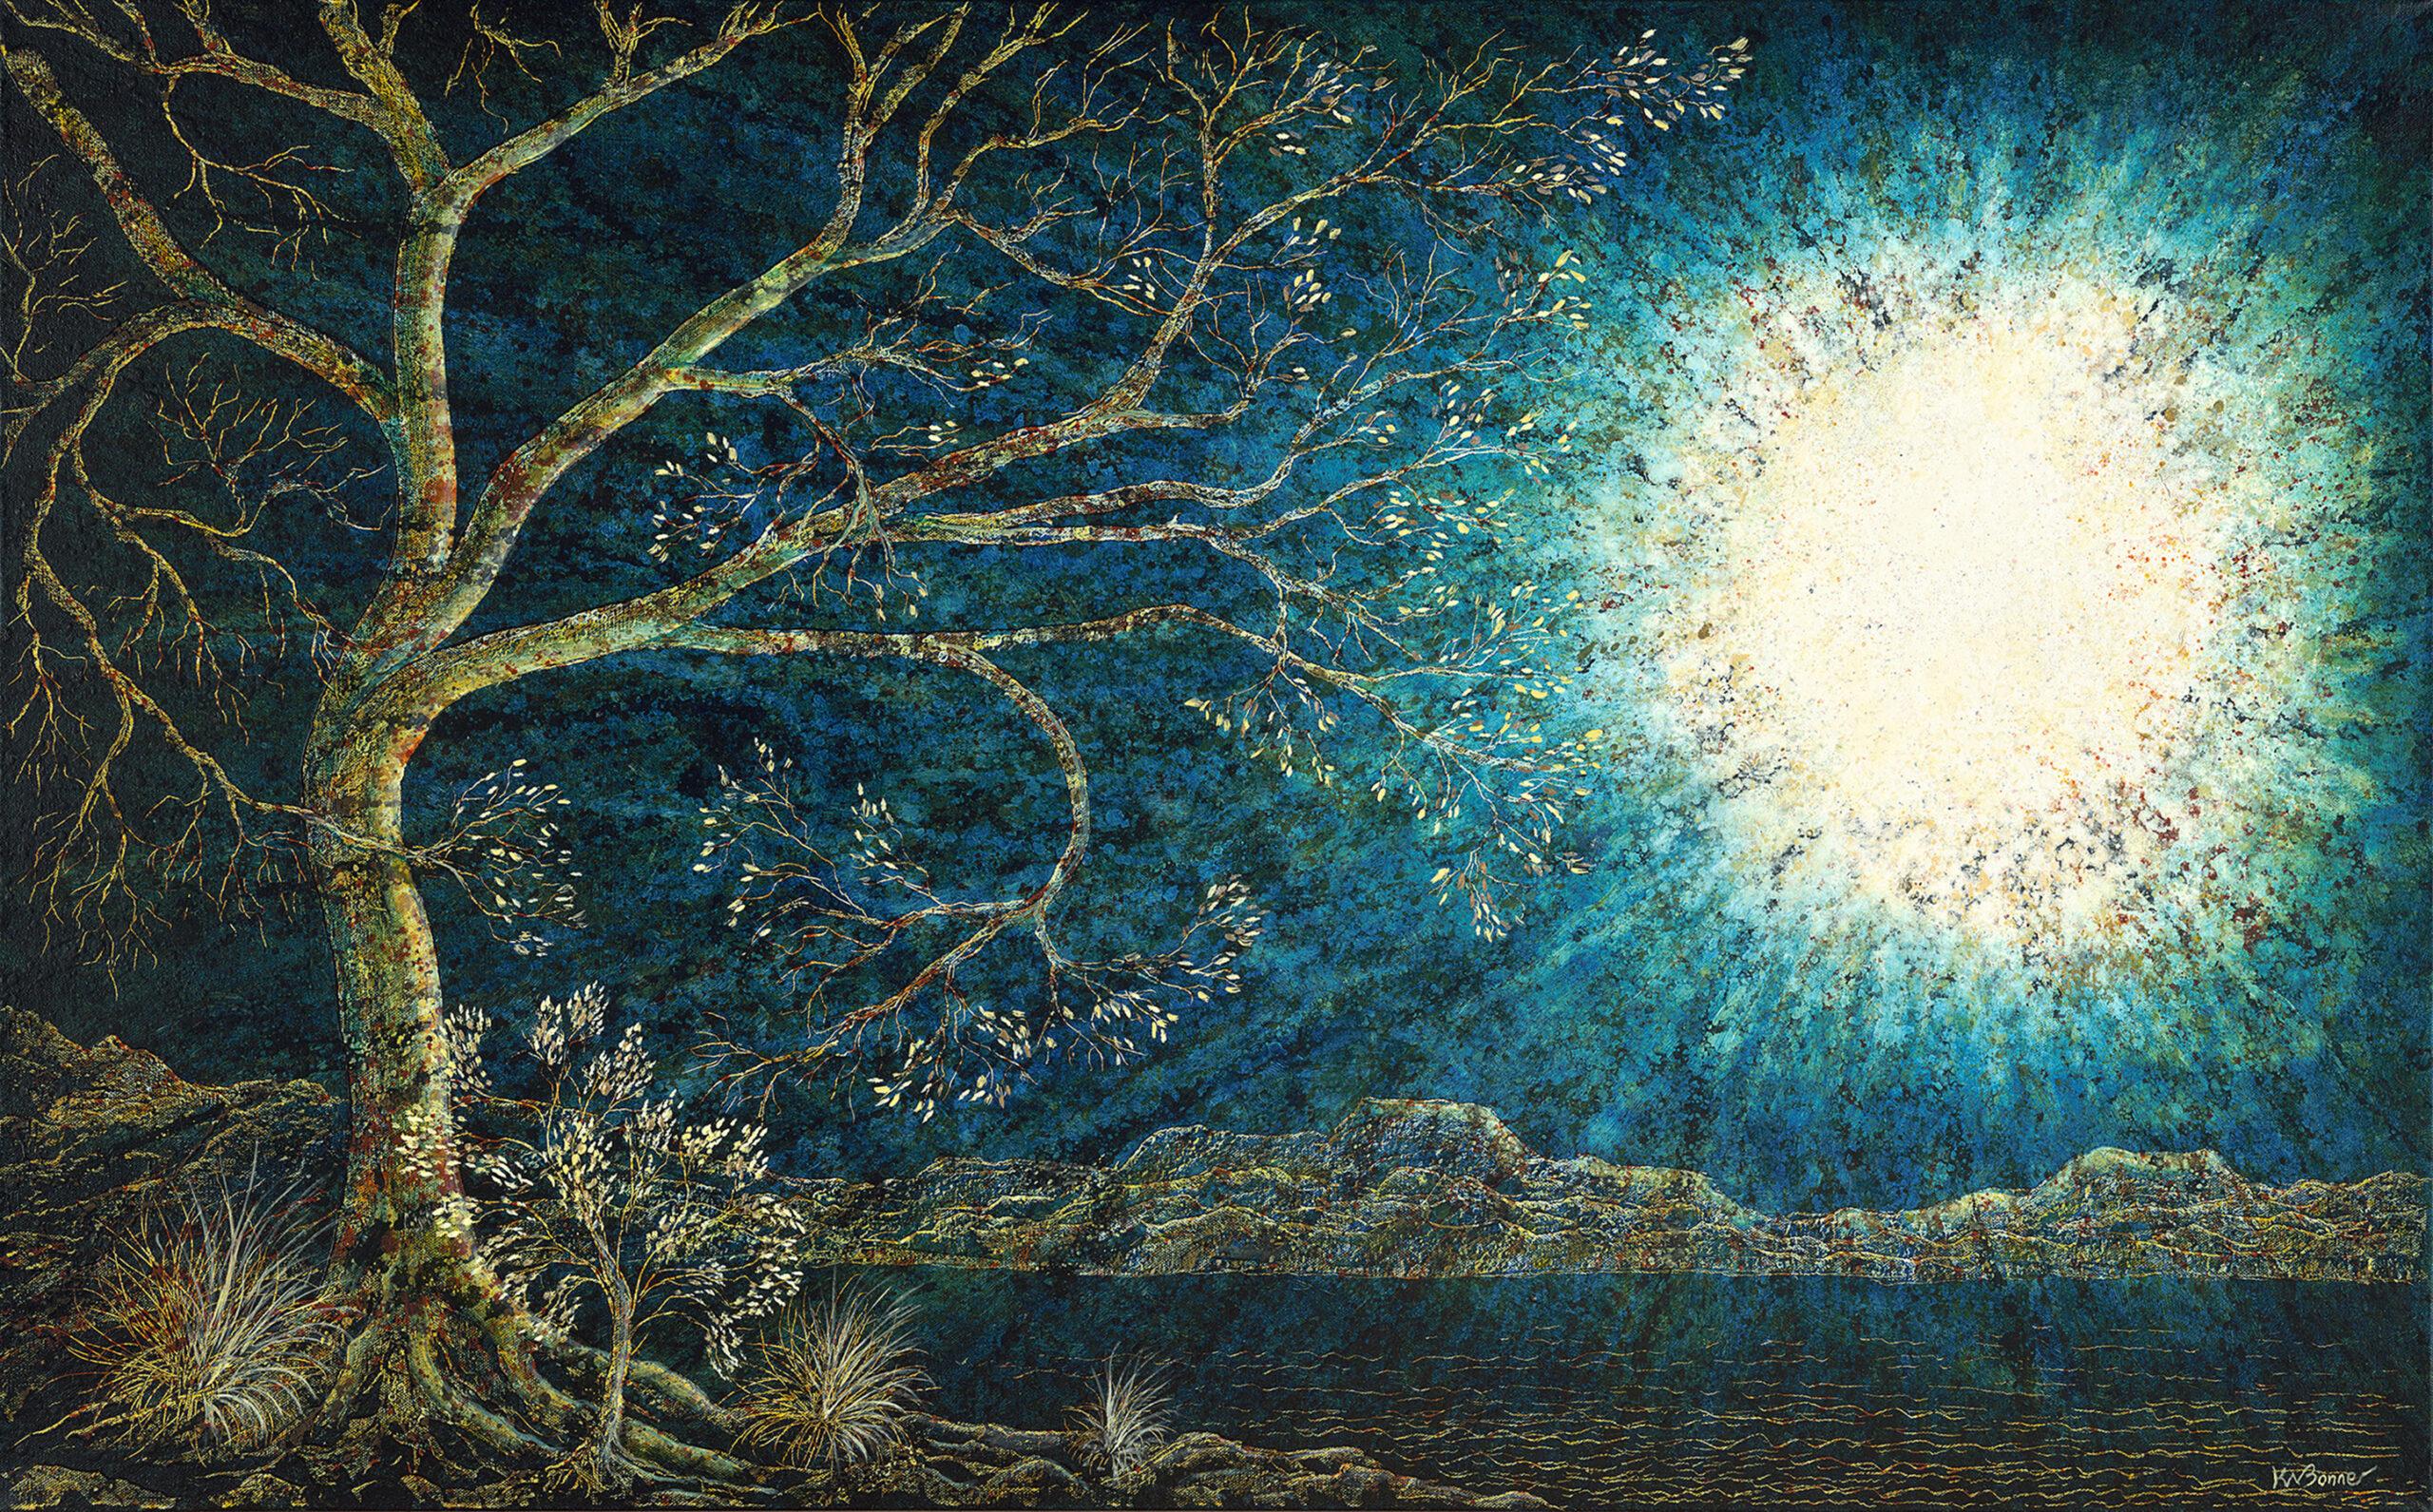 Moonlight Serenade | Trees | Ken Bonner Original Oil Paintings | Santa Fe New Mexico